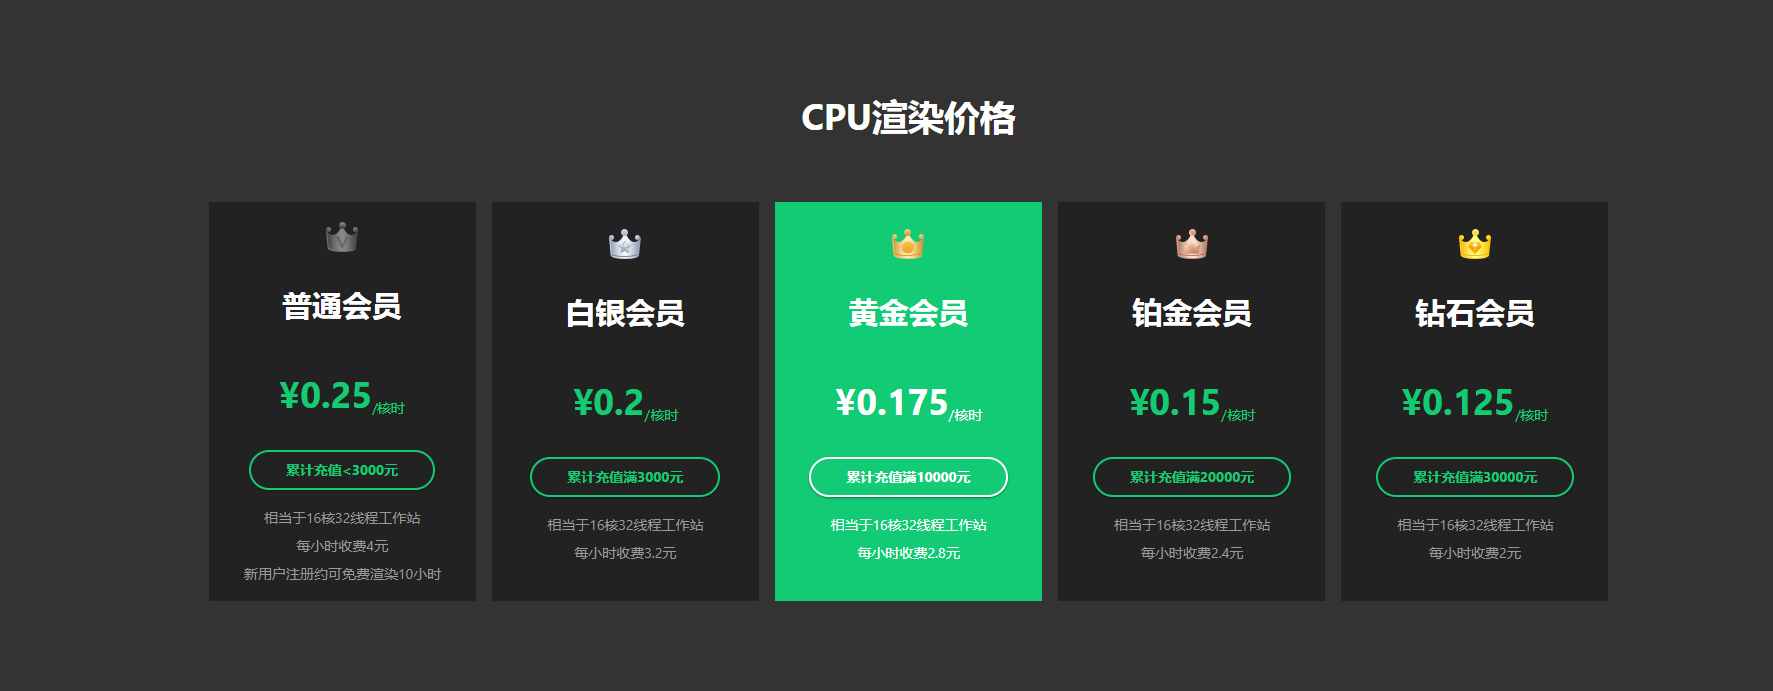 CPU渲染价格-Renderbus云渲染农场